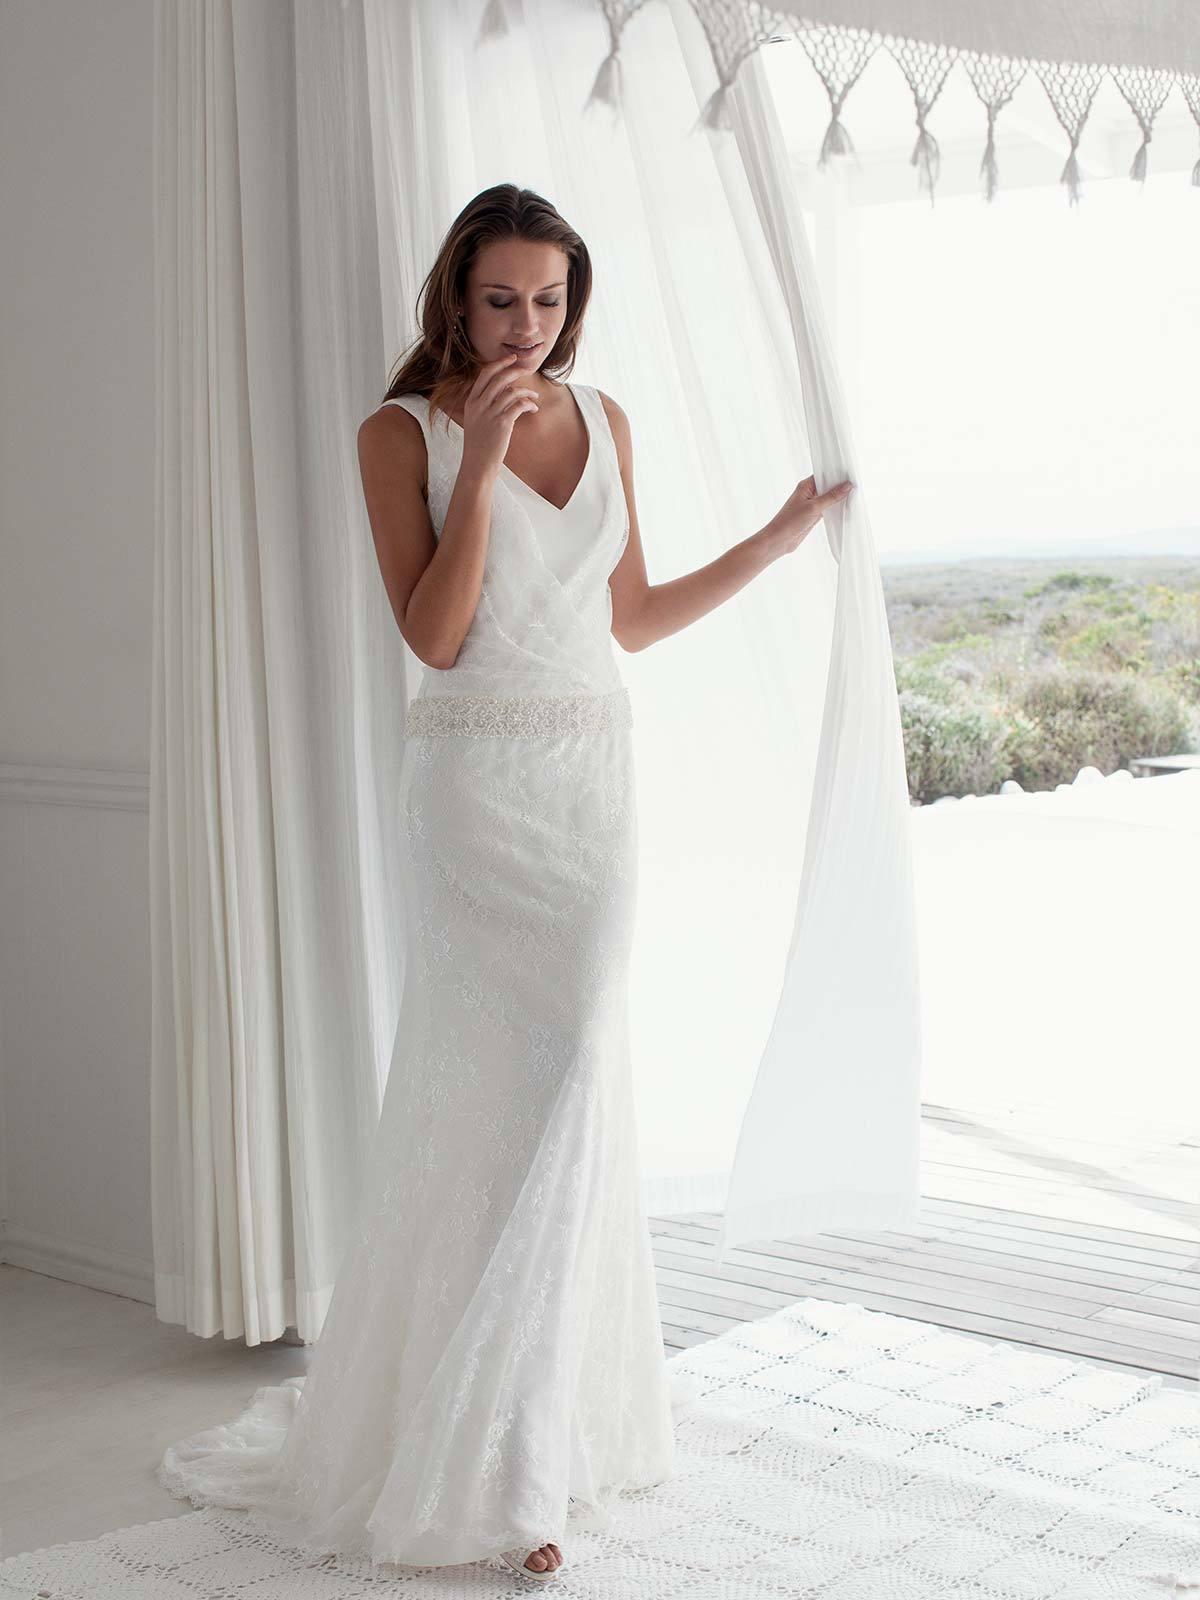 Nett Brautkleider Pasadena Zeitgenössisch - Brautkleider Ideen ...